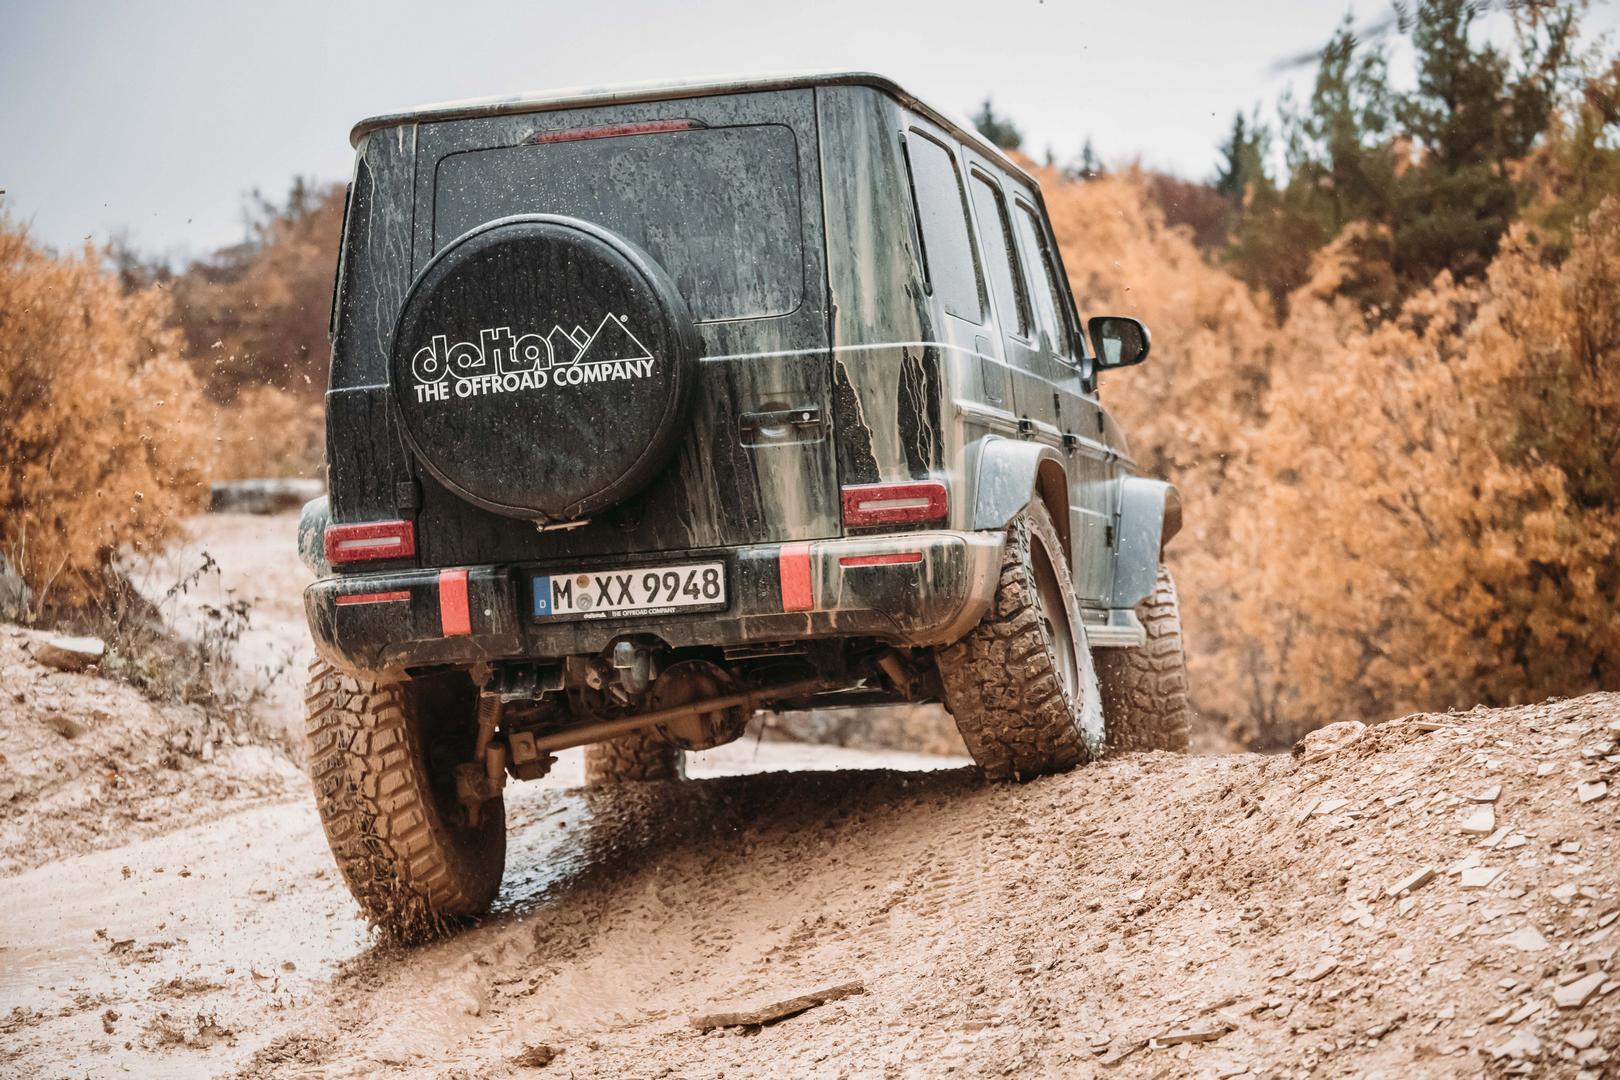 Mercedes G Wagon wheels off road